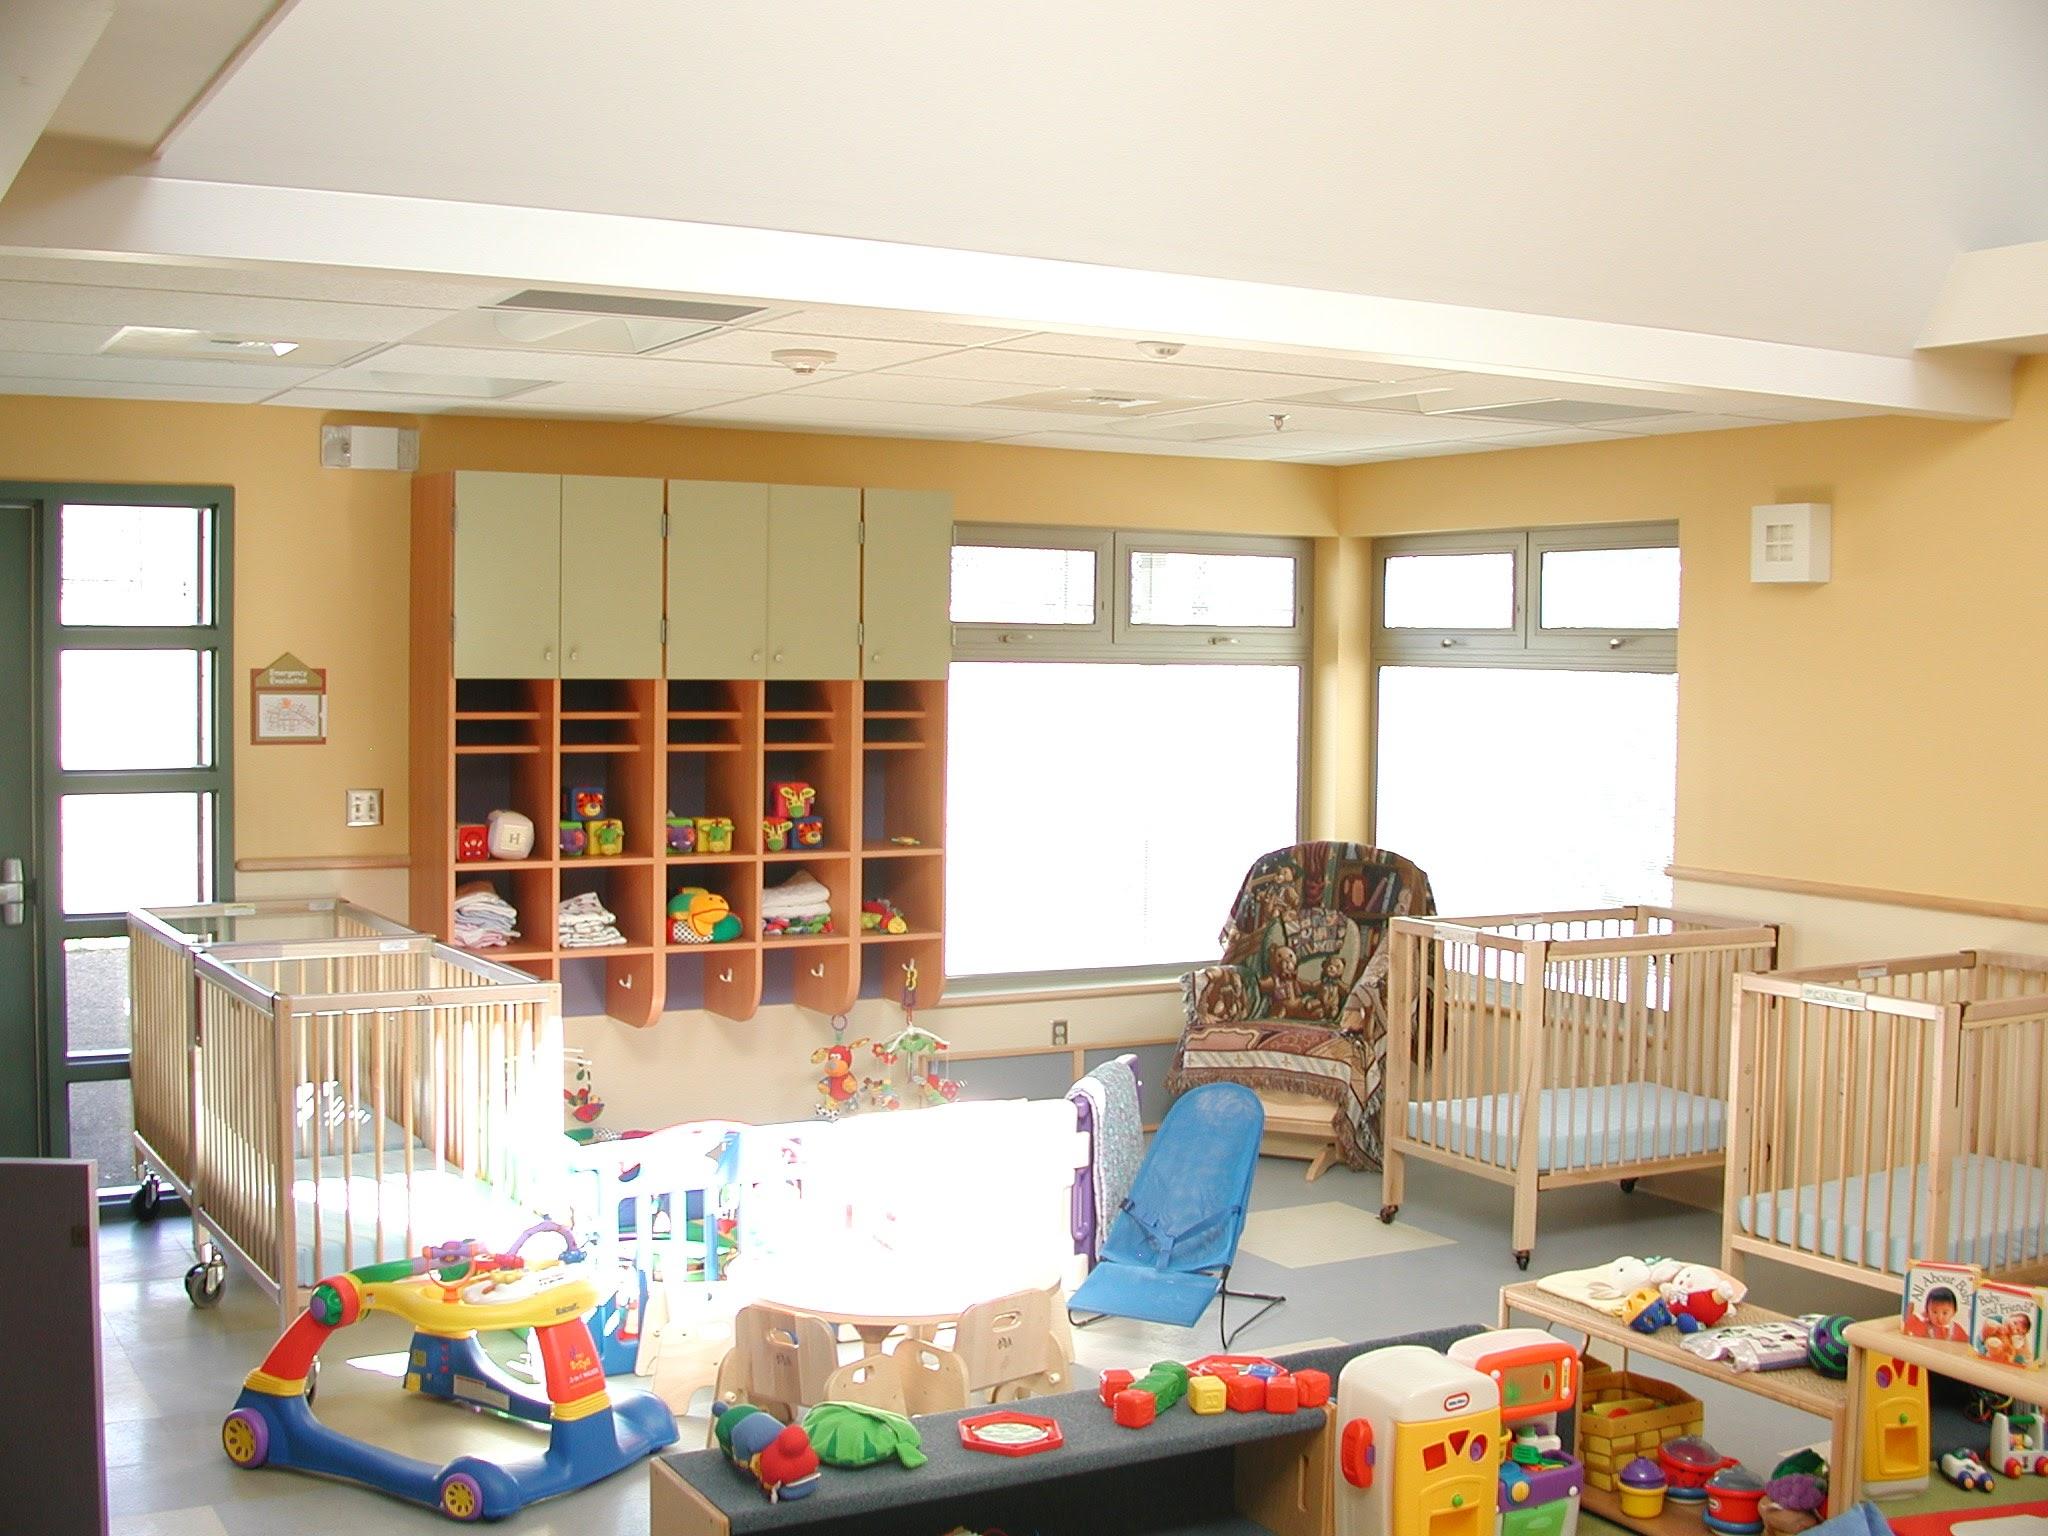 Highline_Nursery_02.jpg